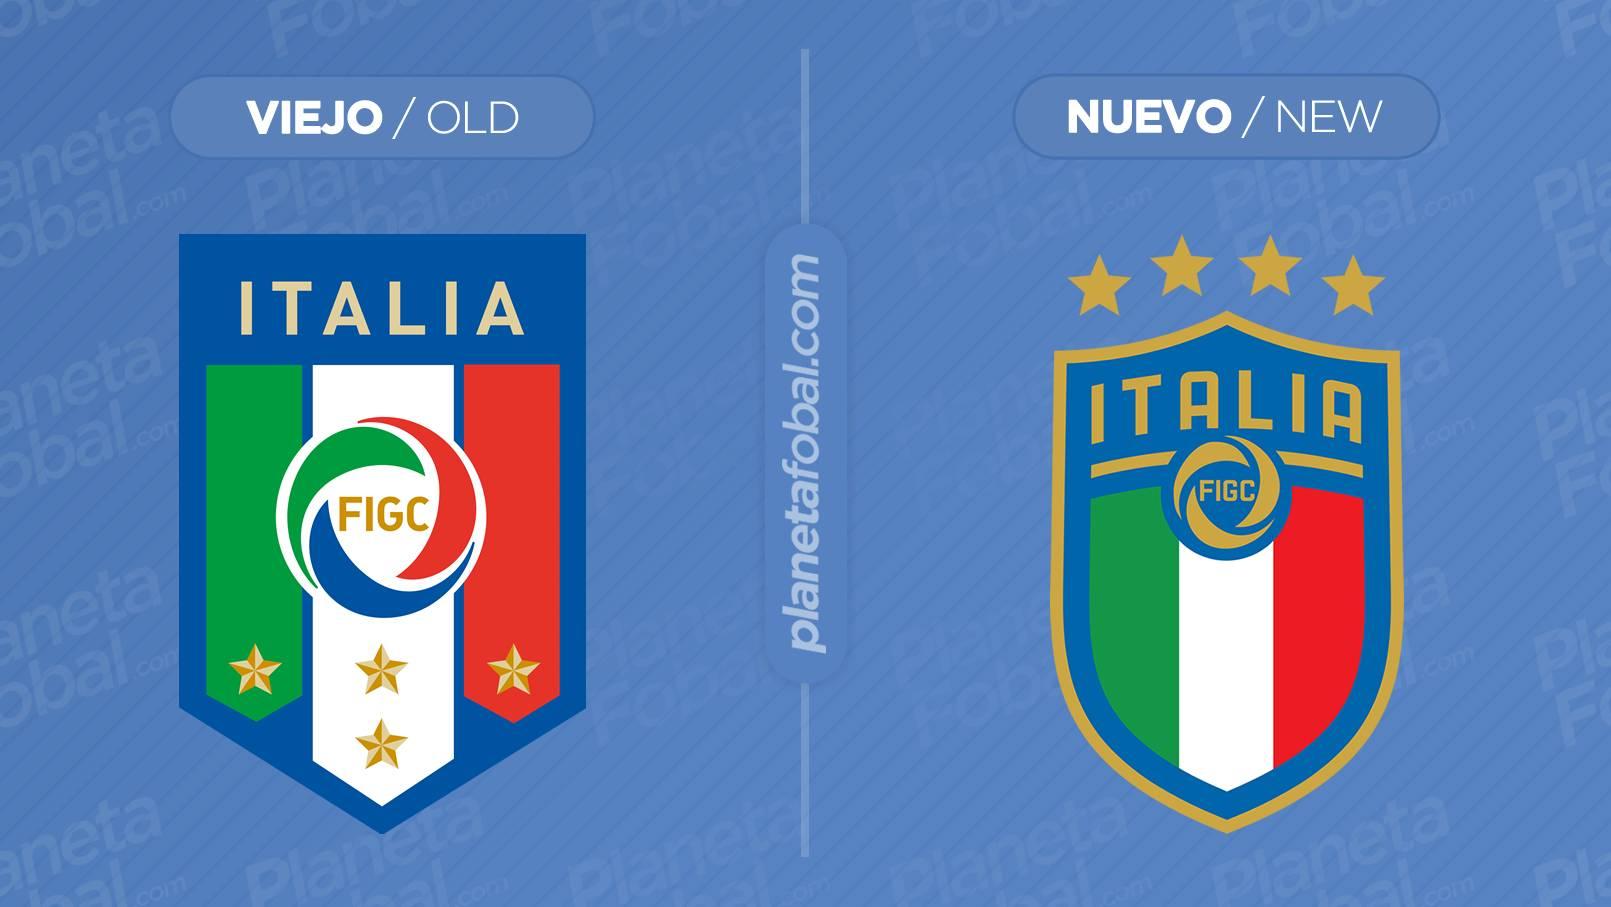 El antes y después del logo de la FIGC